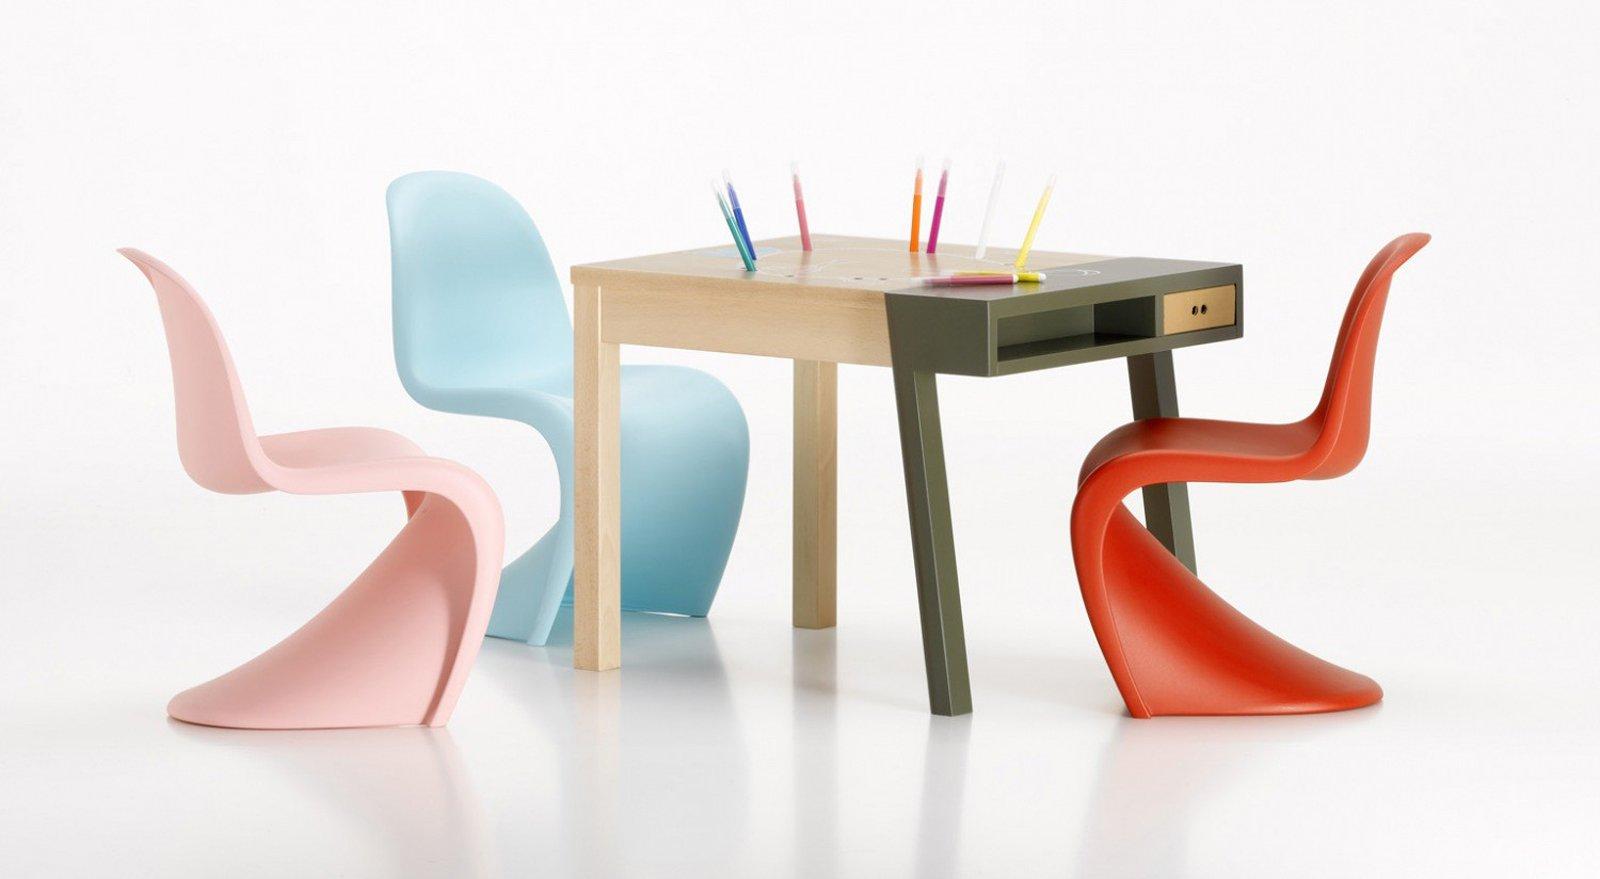 Sedute il design a misura di bambino cose di casa for Sedute di design